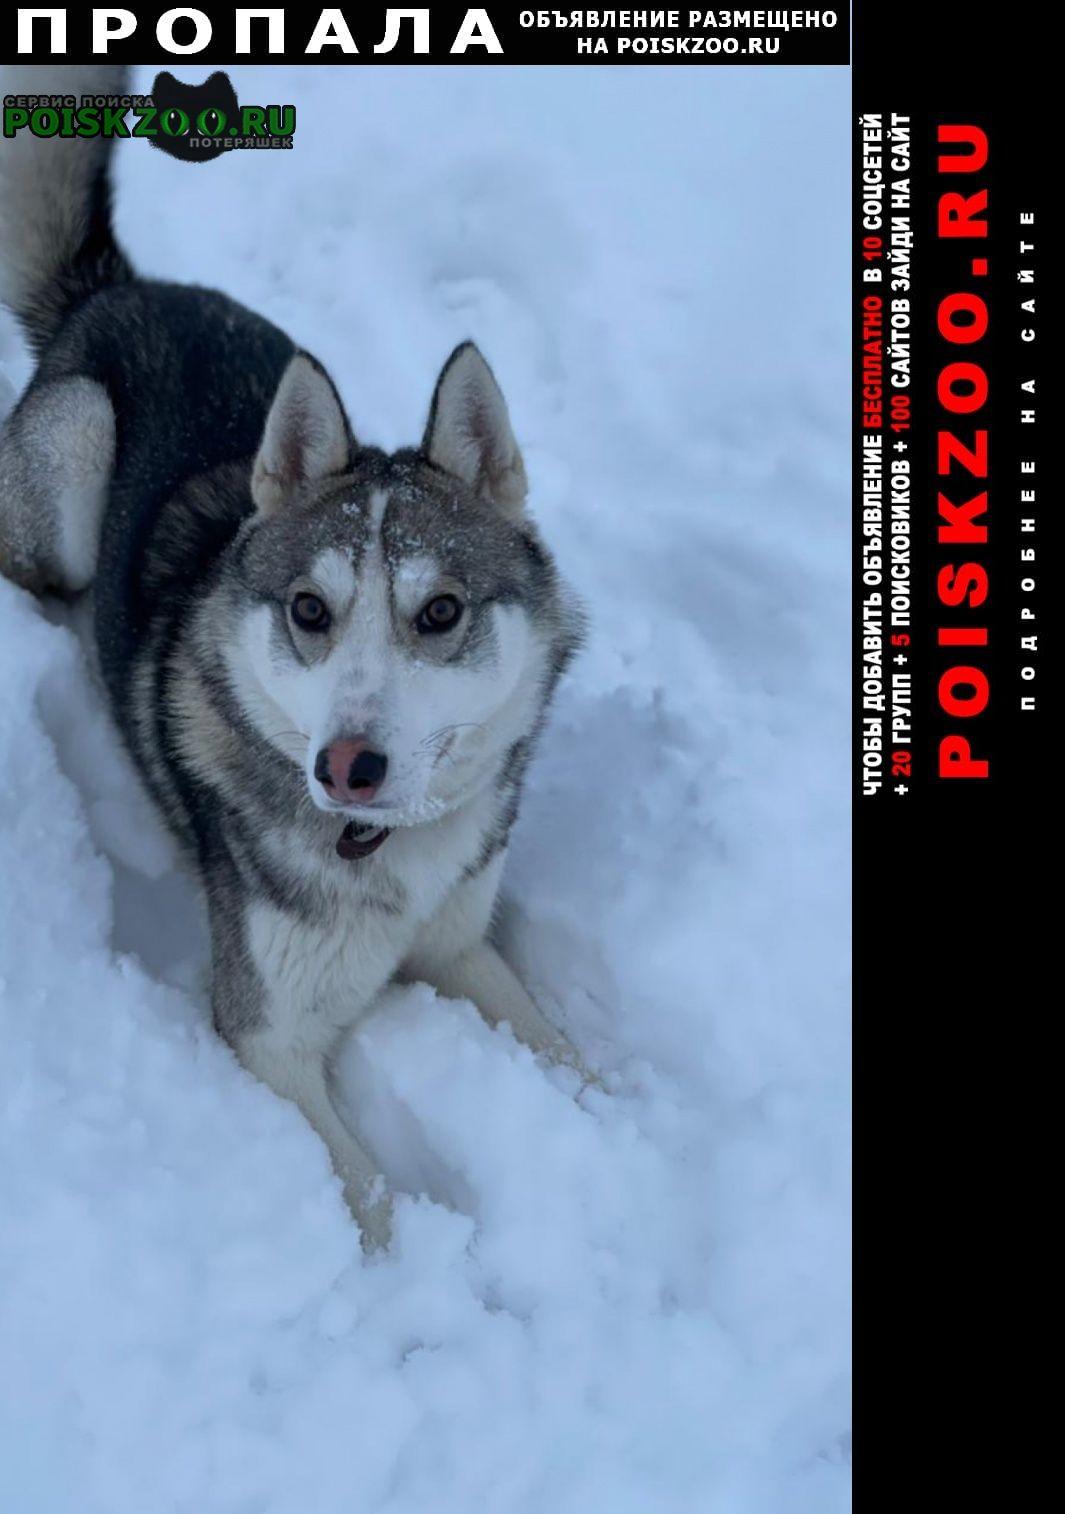 Пропала собака вознаграждение гарантируется Москва